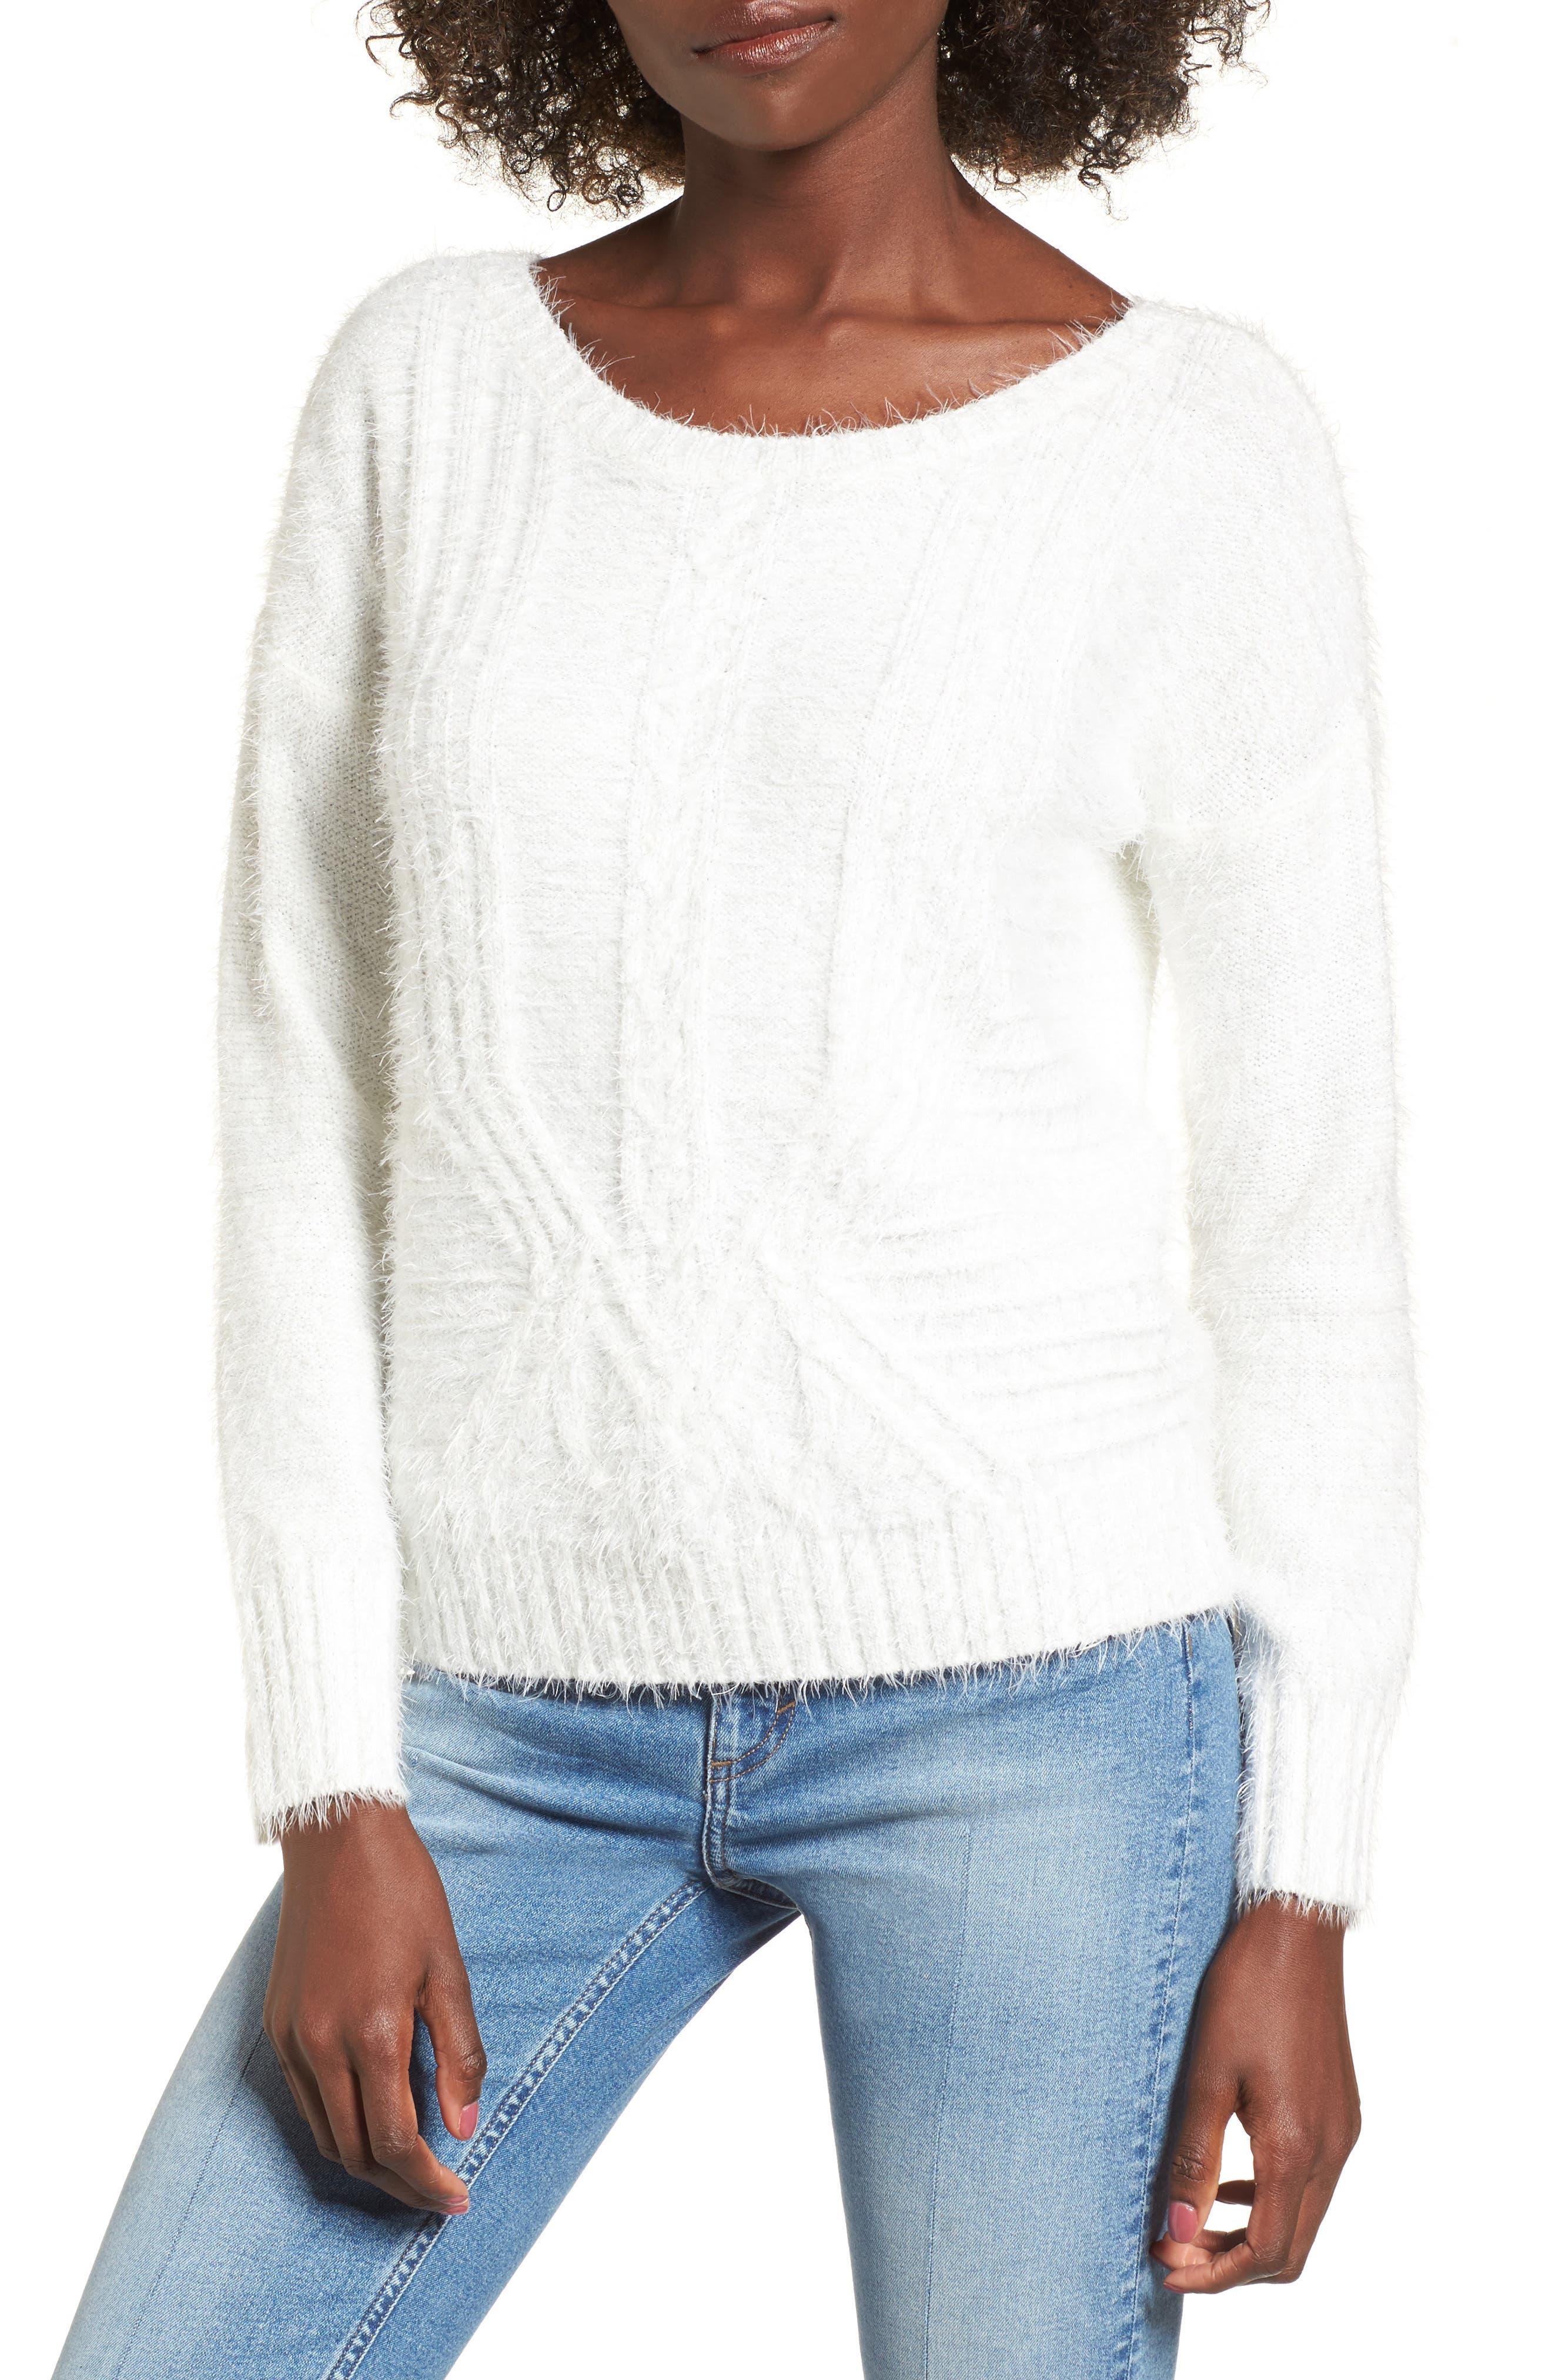 Emily Eyelash Knit Sweater,                         Main,                         color, White